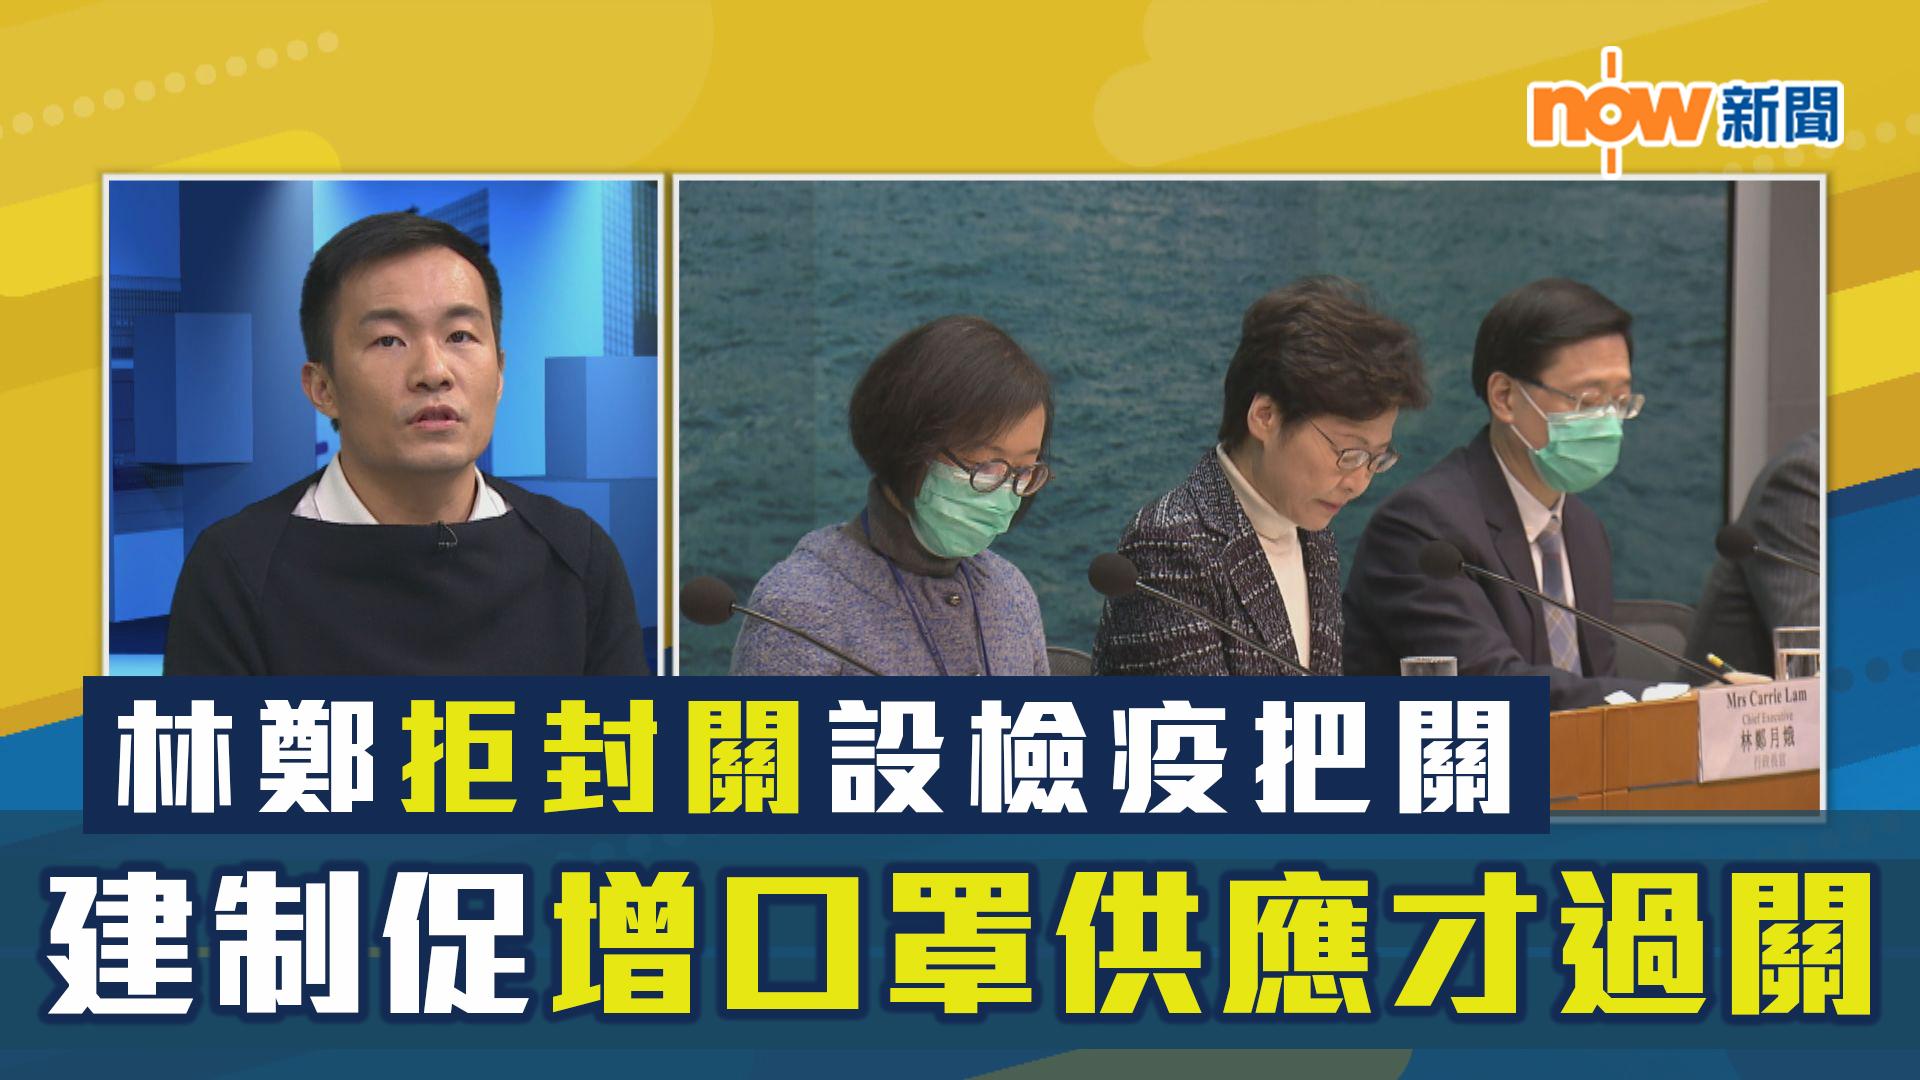 【政情】林鄭拒封關設檢疫把關 建制促增口罩供應才過關